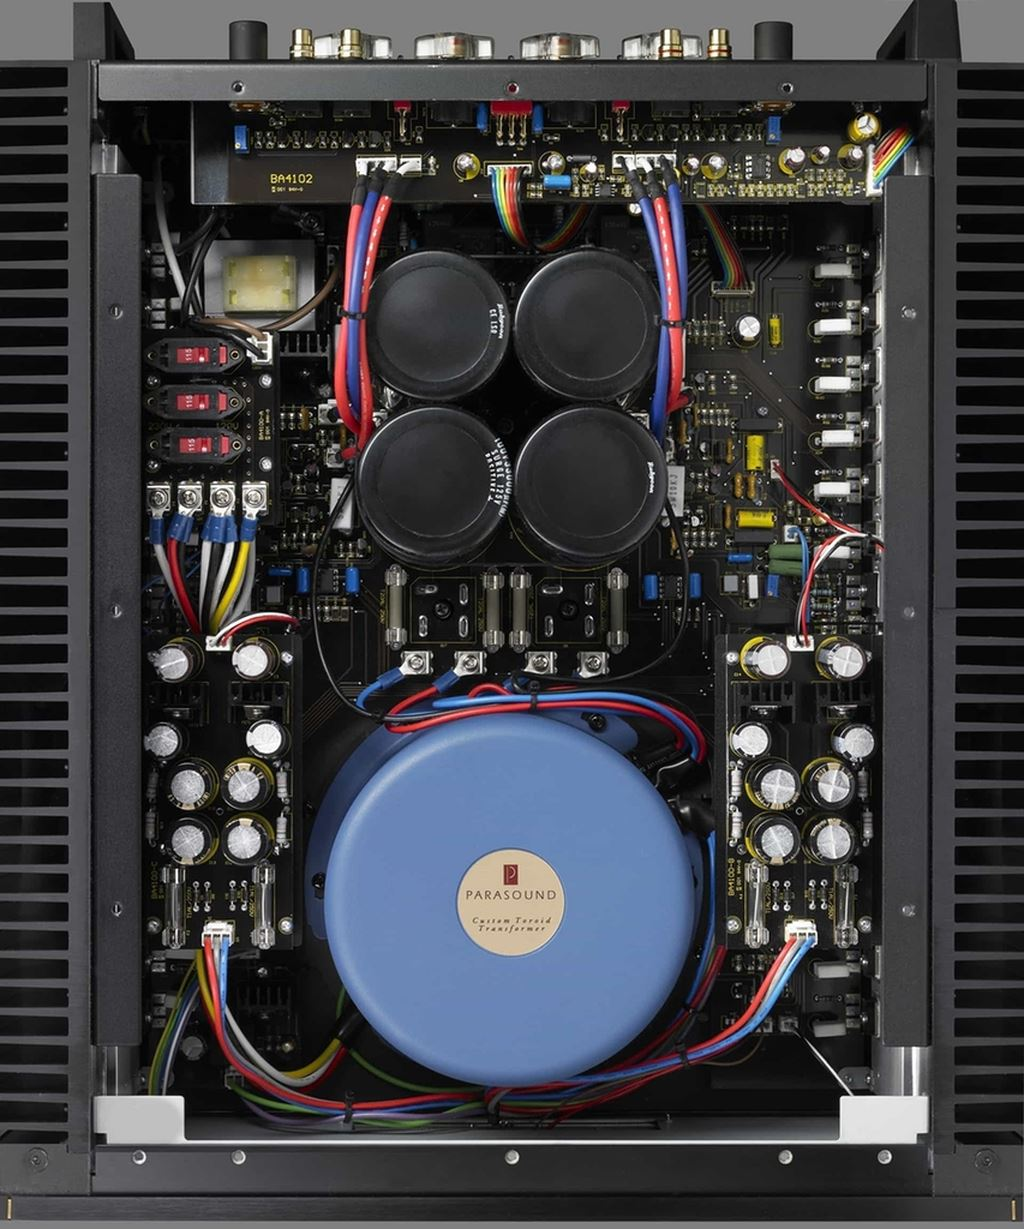 Parasound tung ra thị trường mẫu ampli stero đầu bảng mới Halo JC5 ảnh 2